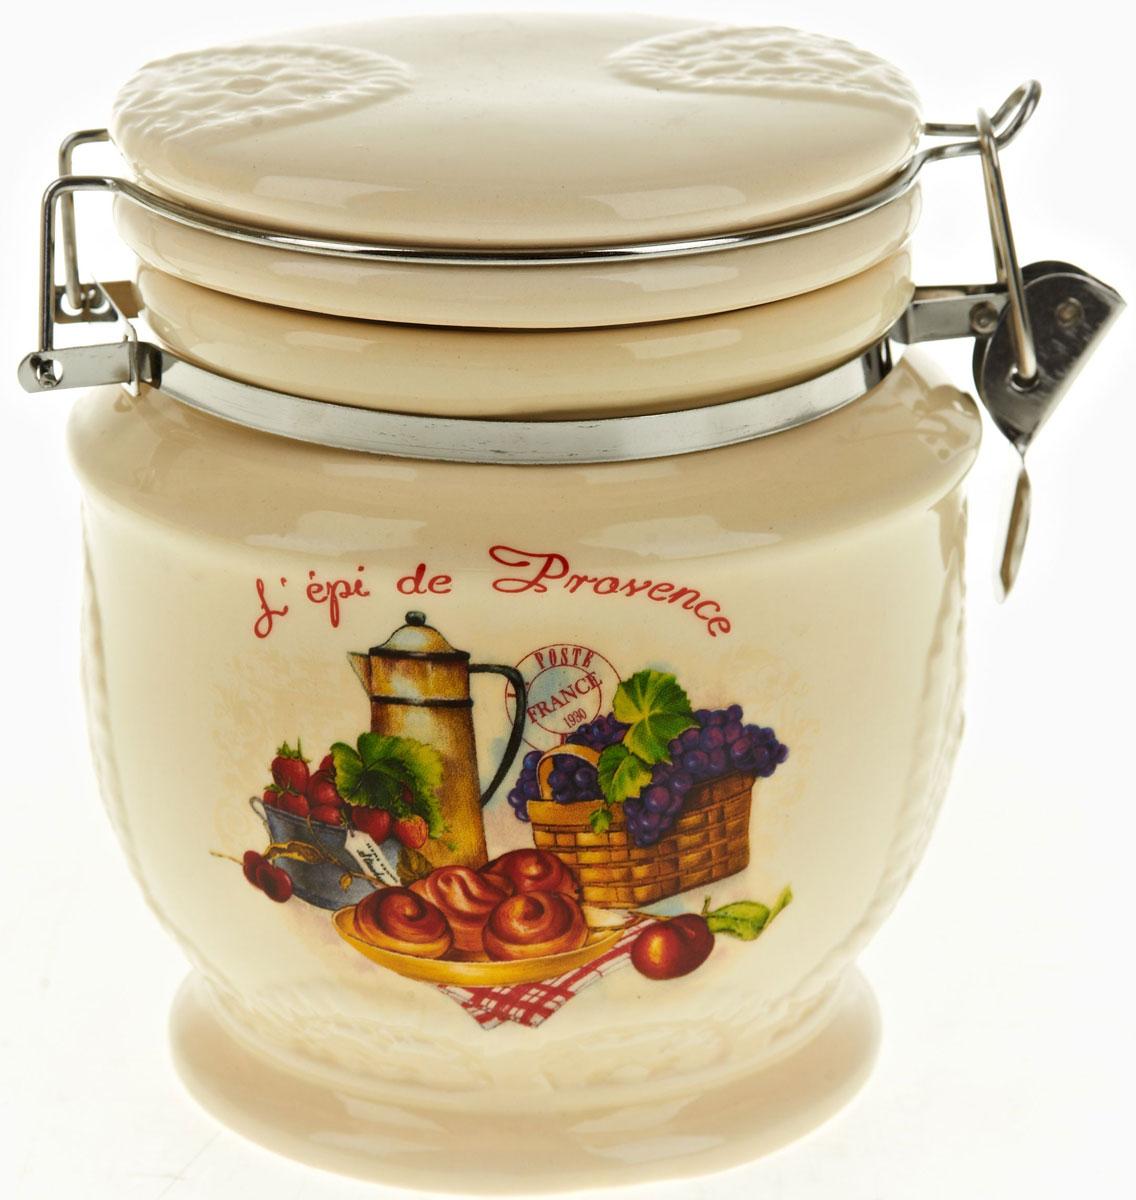 Банка для сыпучих продуктов Polystar French Breakfast, 730 млVT-1520(SR)Банка для сыпучих продуктов French breakfast изготовлена из прочной керамики, закрывается крышкой. Банка оригинальной формы, прекрасно подойдет для хранения различных сыпучих продуктов: чая, кофе, сахара, круп и многого другого. Благодаря силиконовой прослойке и бугельному замку, крышка герметично закрывается, что позволяет дольше сохранять продукты свежими. Изящная емкость не только поможет хранить разнообразные сыпучие продукты, но и стильно дополнит интерьер кухни.